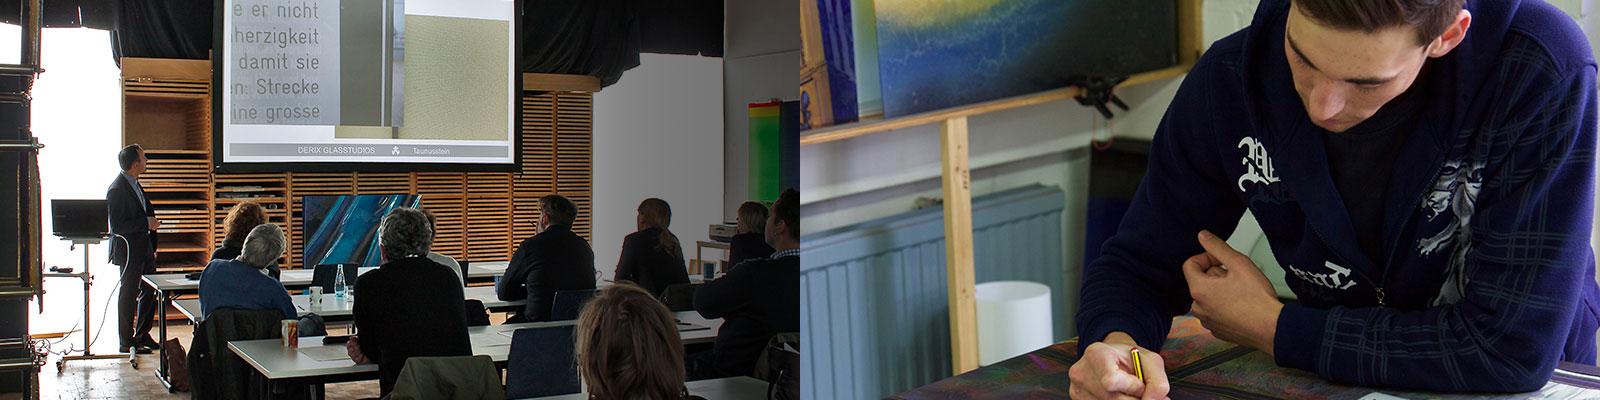 Seminare & Karriere bei den DERIX GLASSTUDIOS in Taunusstein